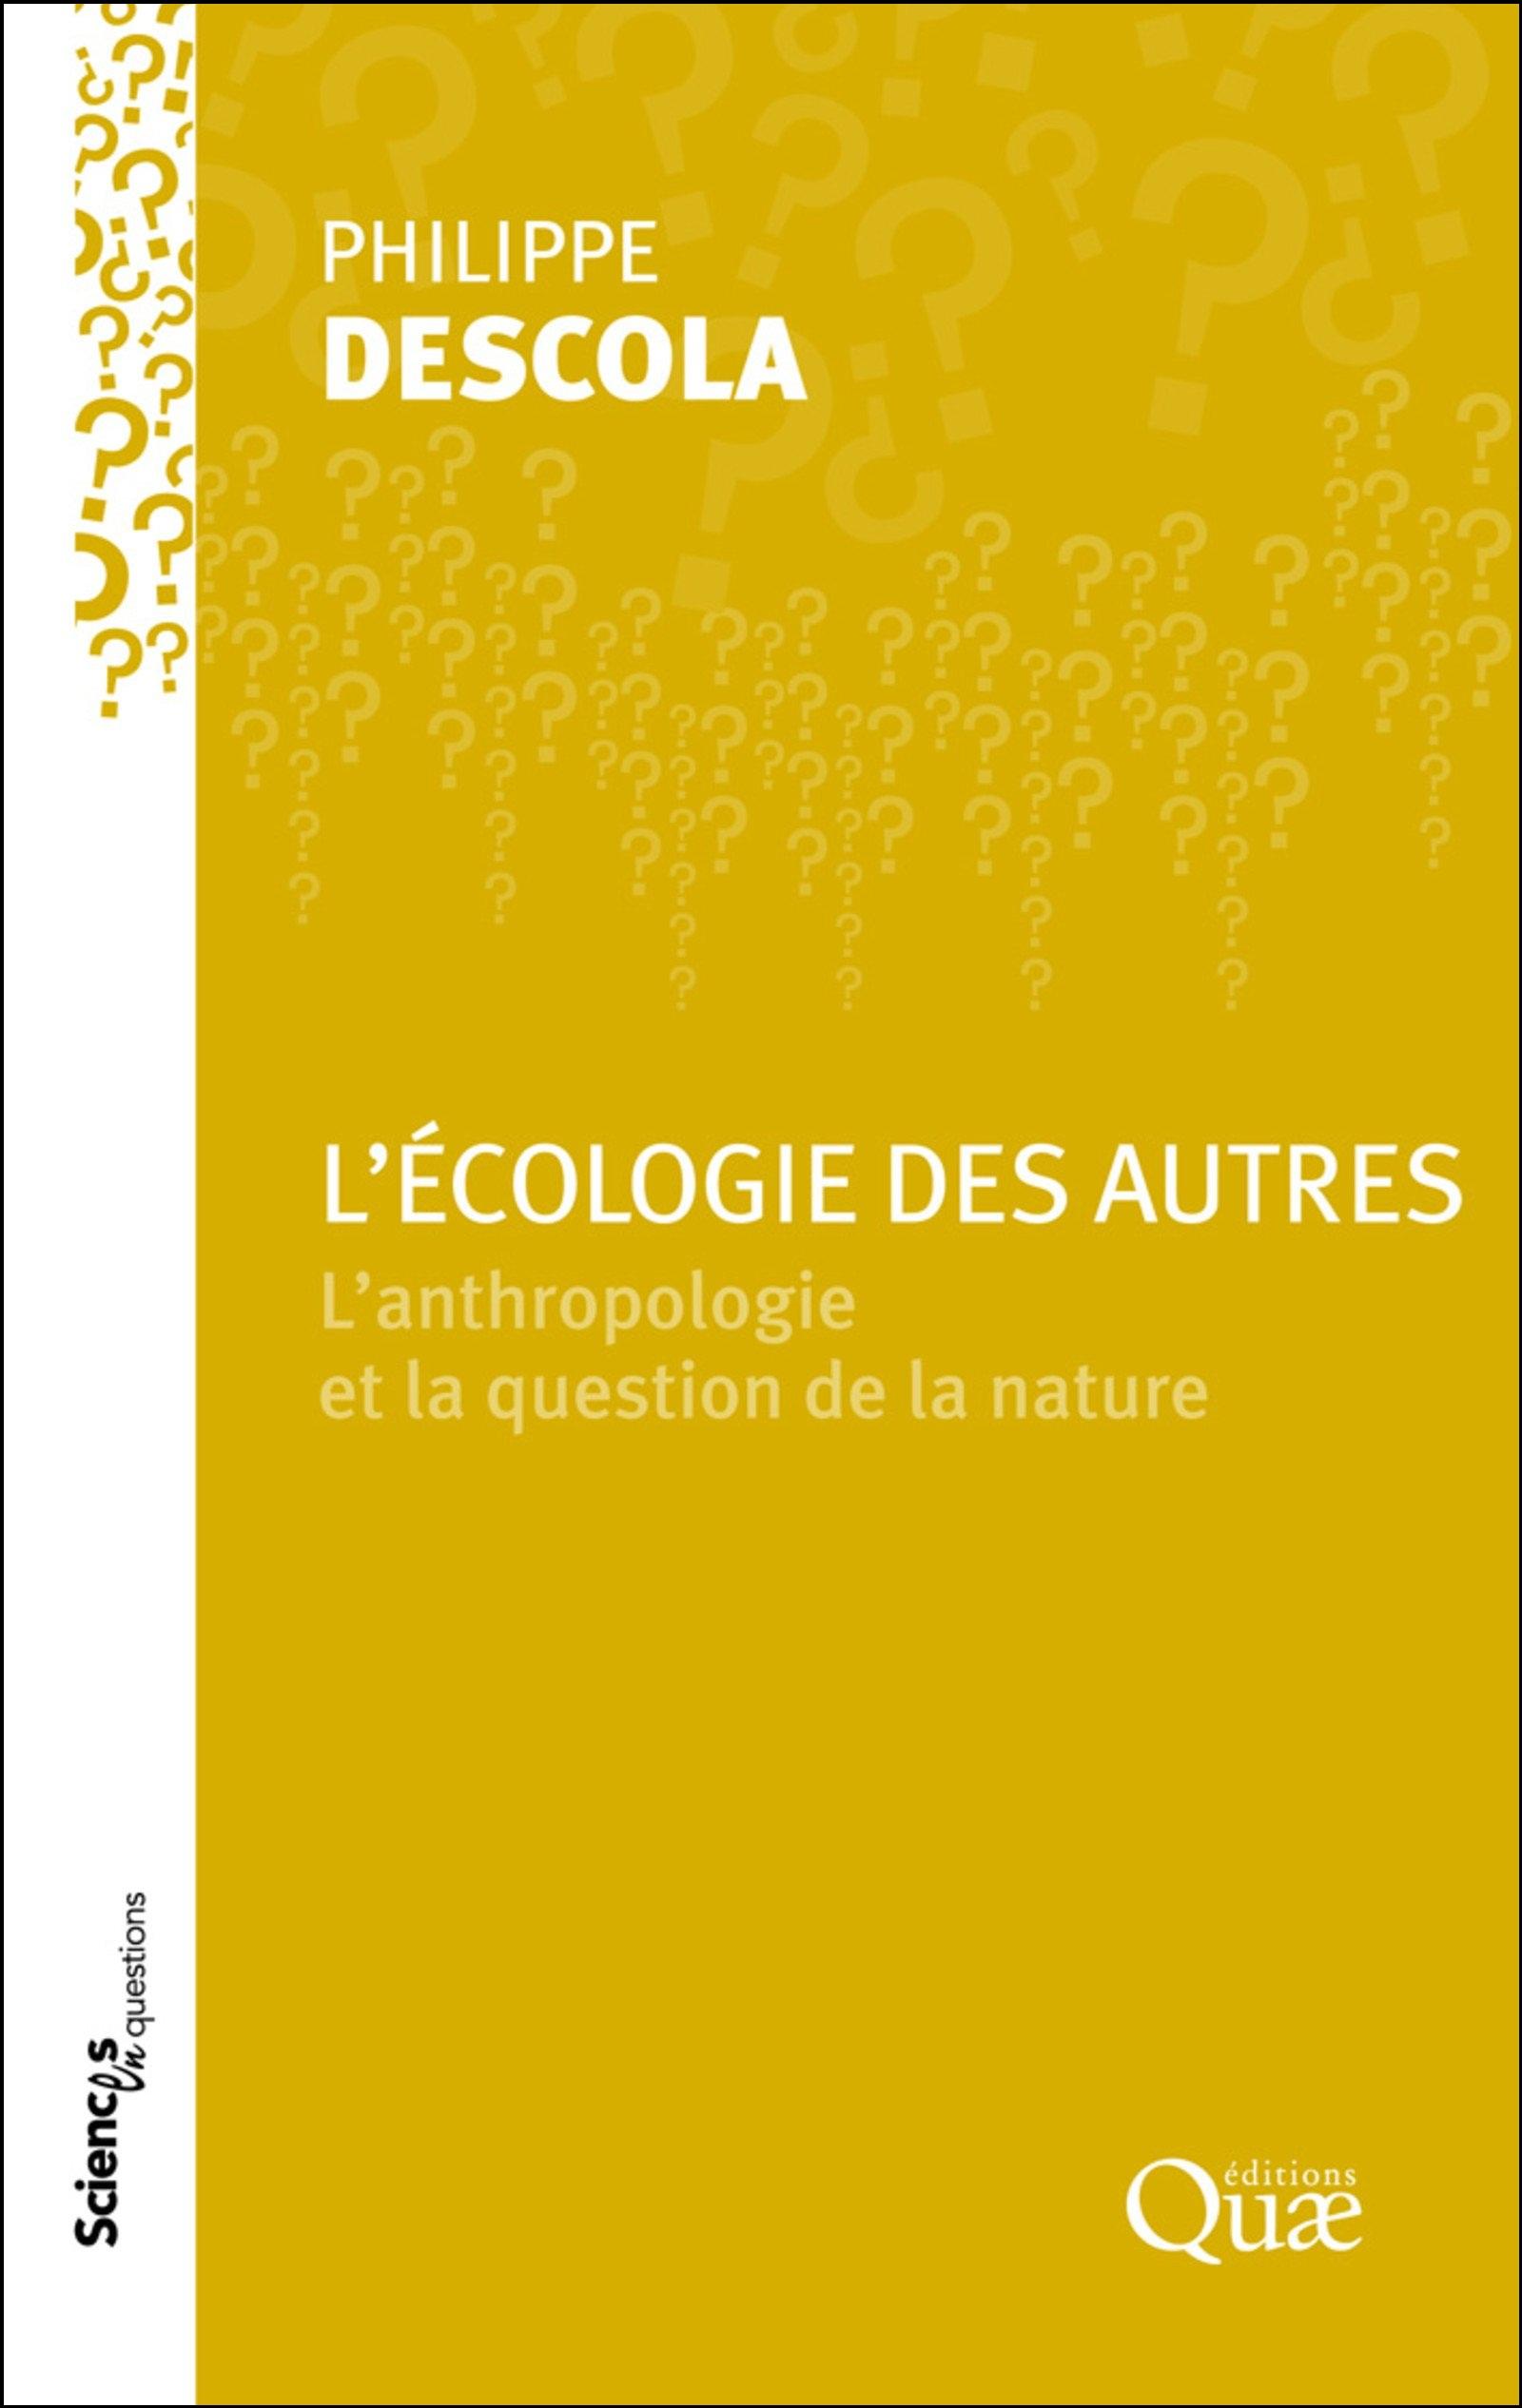 L'écologie des autres - L'anthropologie et la question de la nature